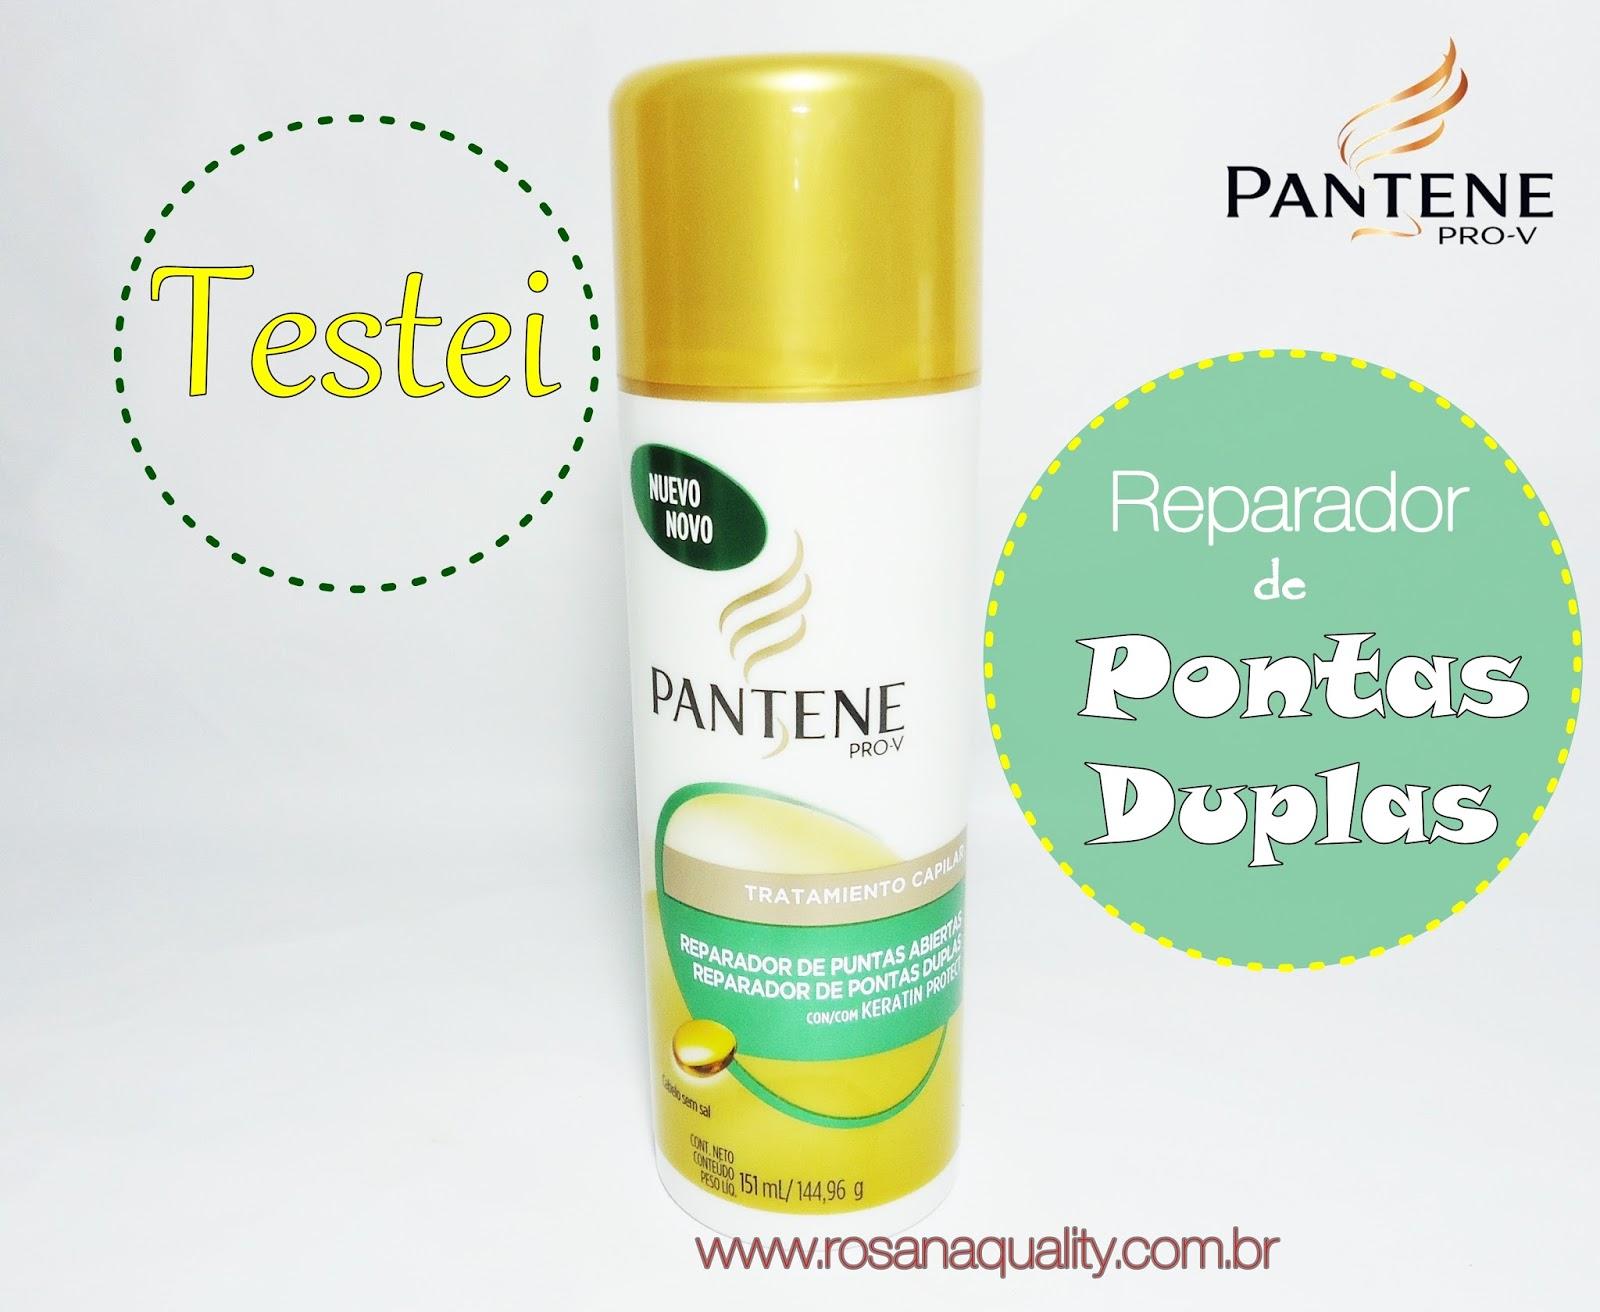 Reparador de Pontas Duplas Pantene